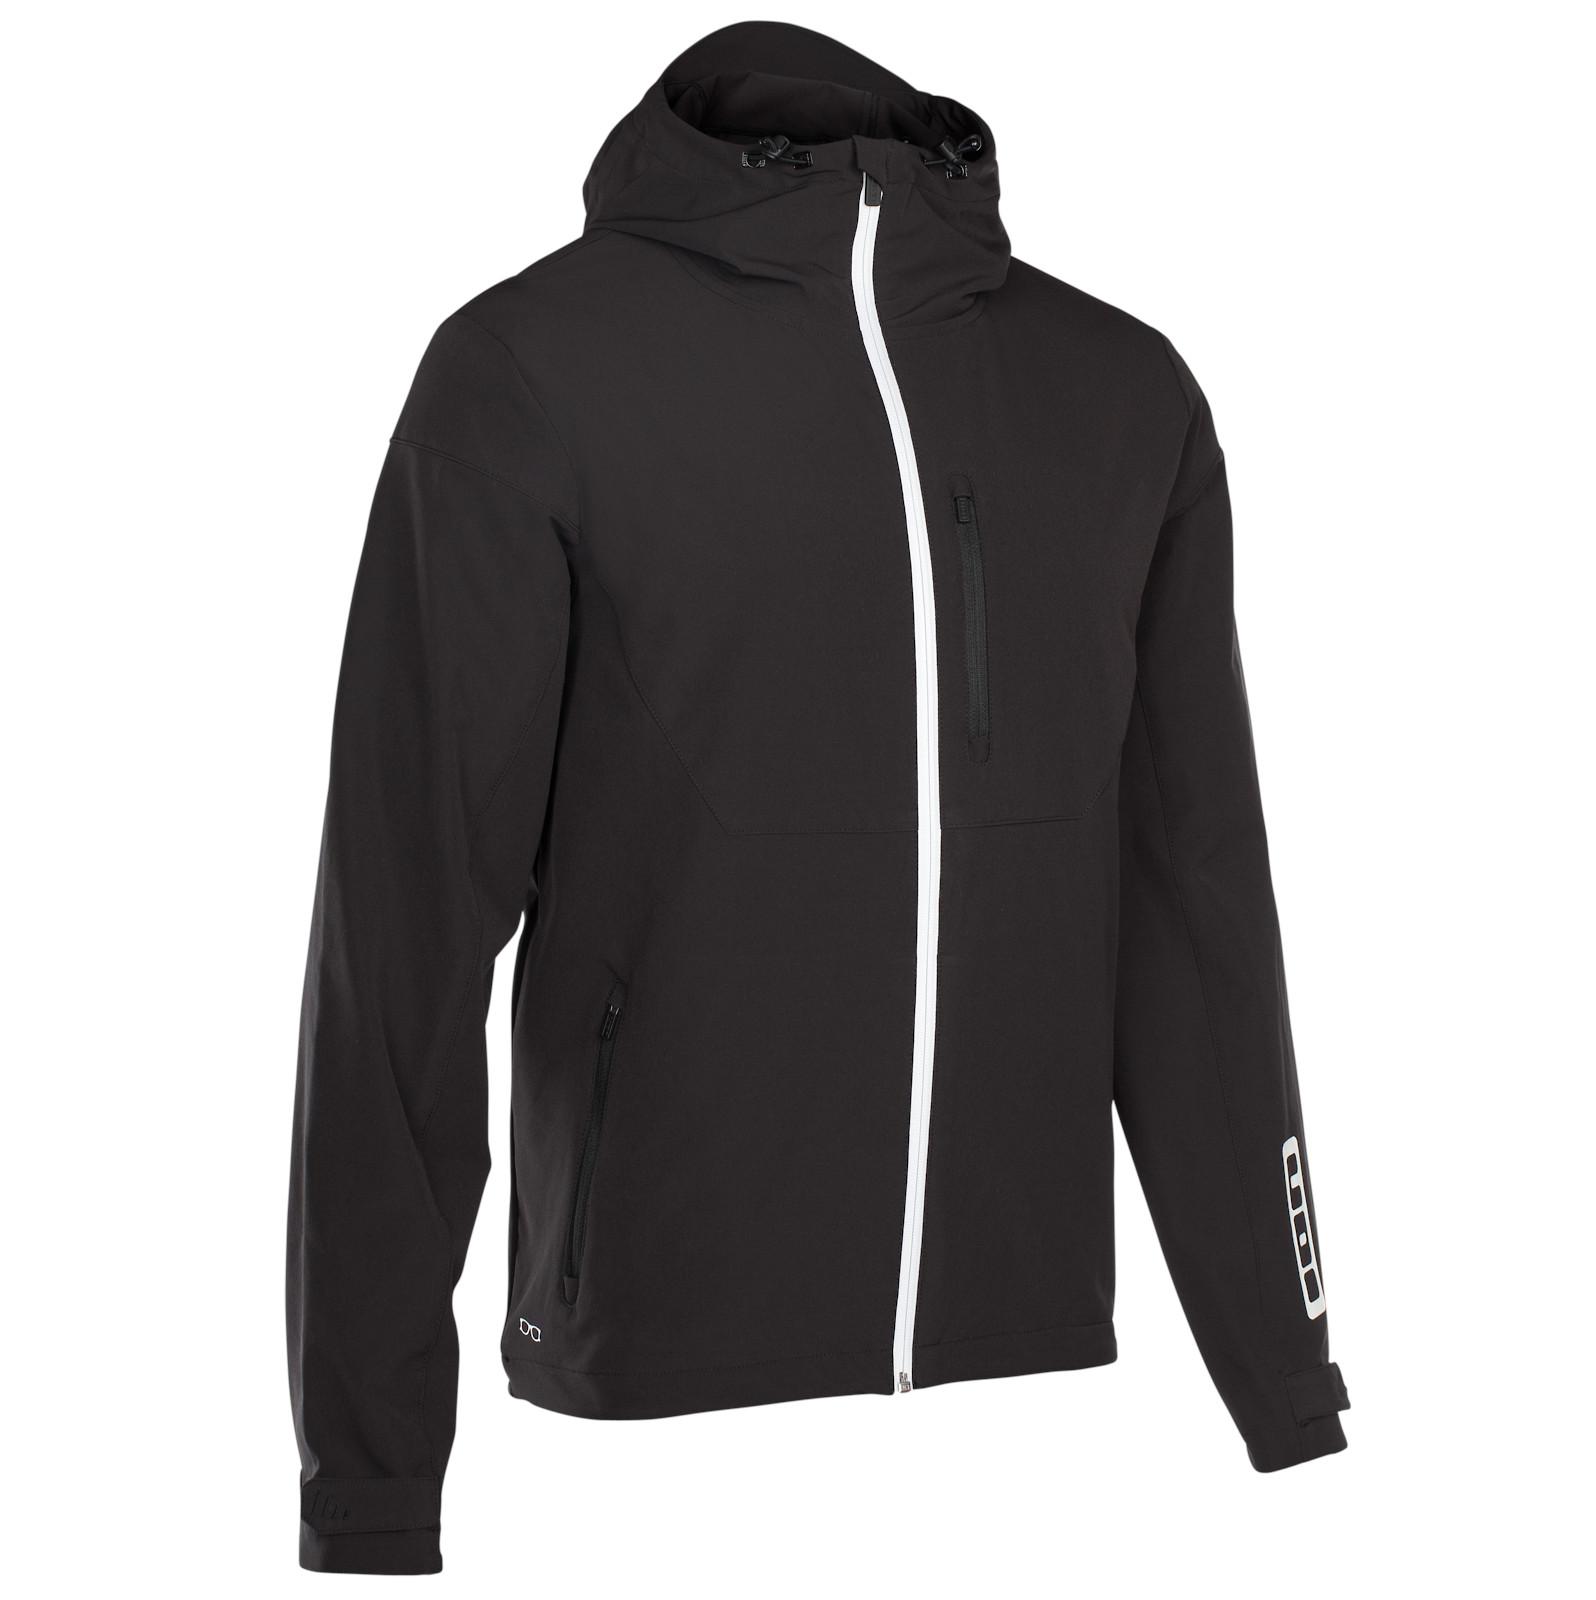 ION Shelter Softshell Jacket (black)